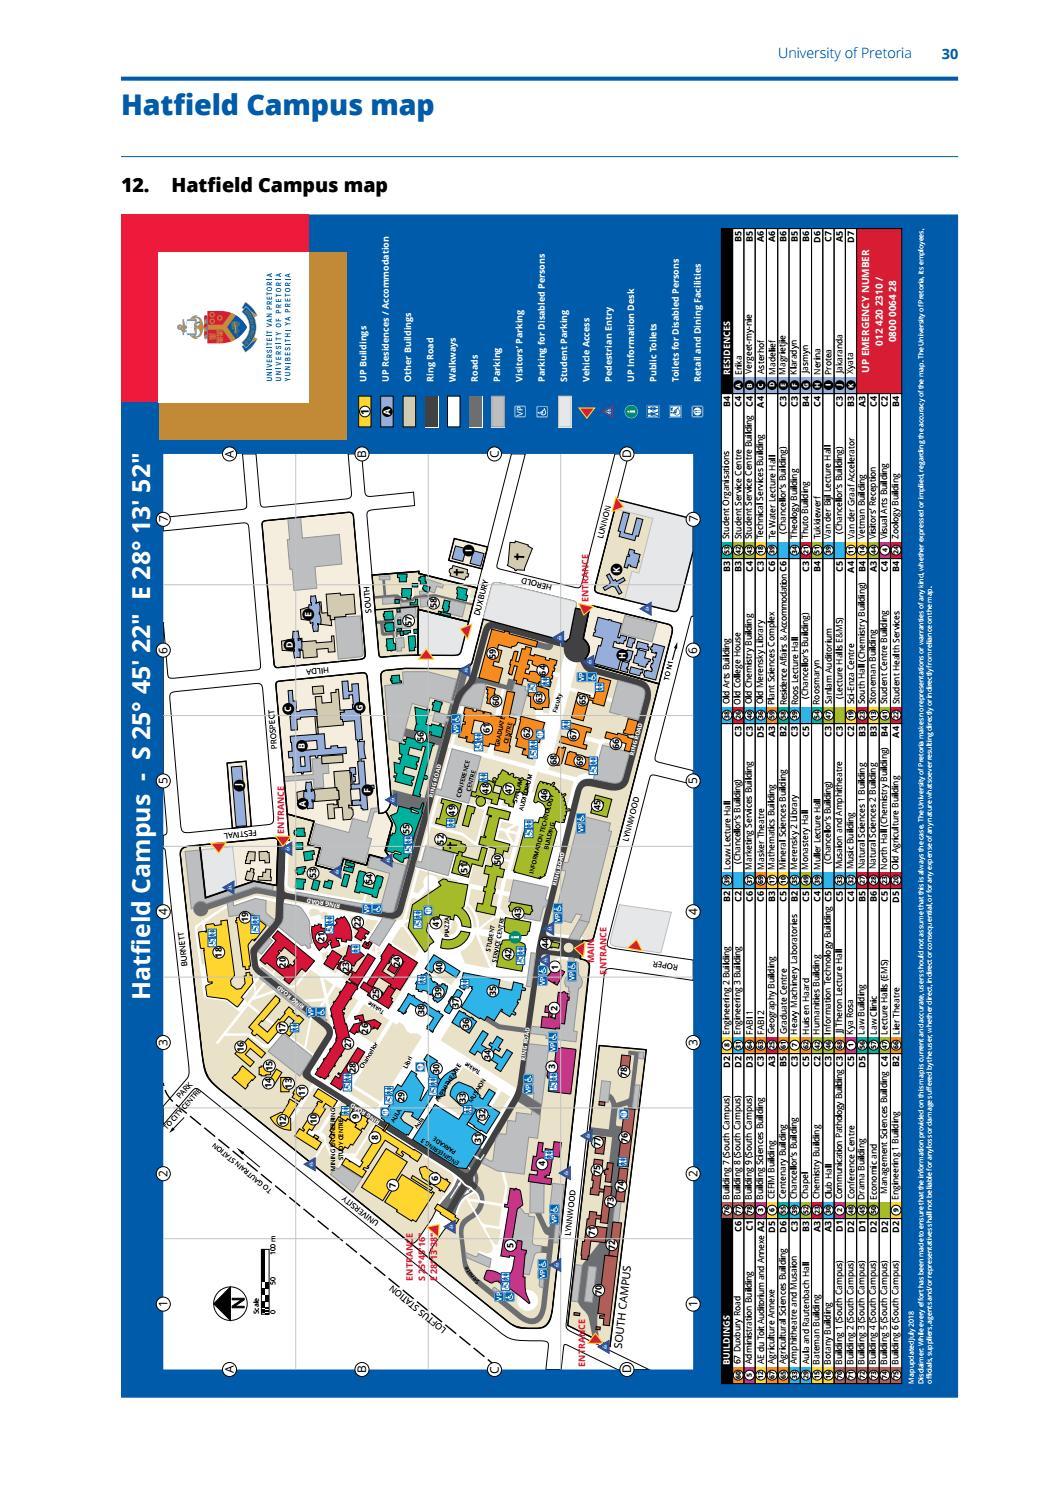 university of pretoria campus map Fact Finder By University Of Pretoria Issuu university of pretoria campus map